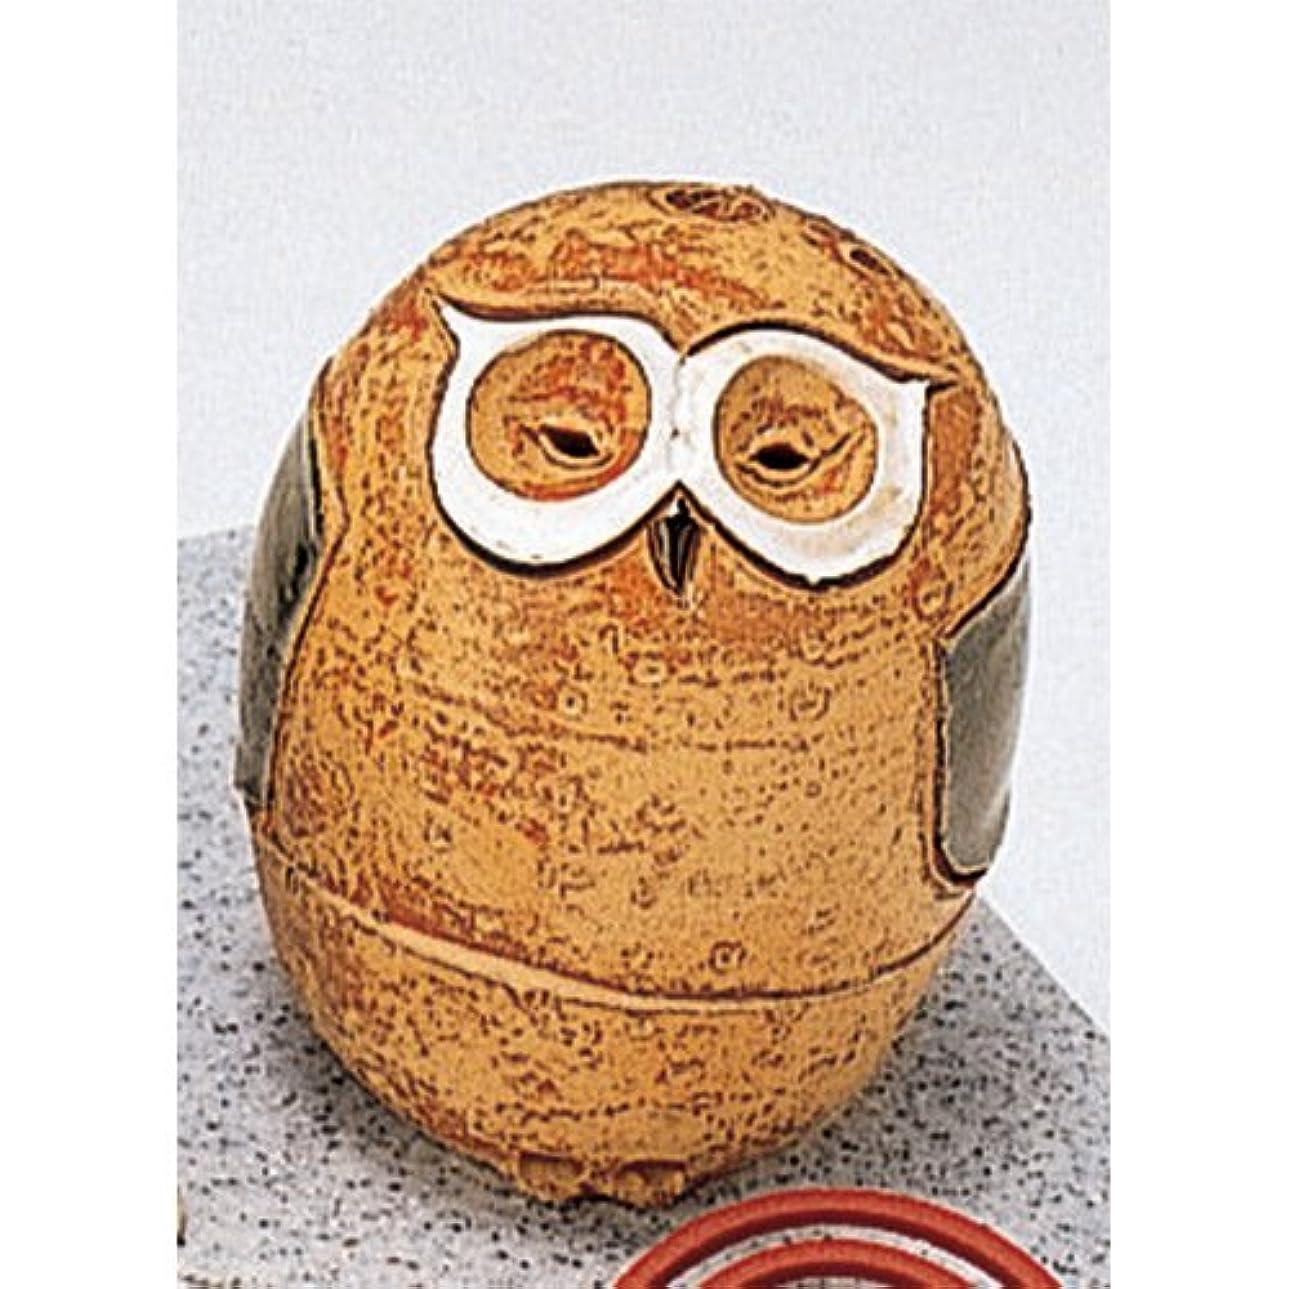 非行インディカ病な香炉 フクロウ 香炉(大) [R7xH9.3cm] HANDMADE プレゼント ギフト 和食器 かわいい インテリア